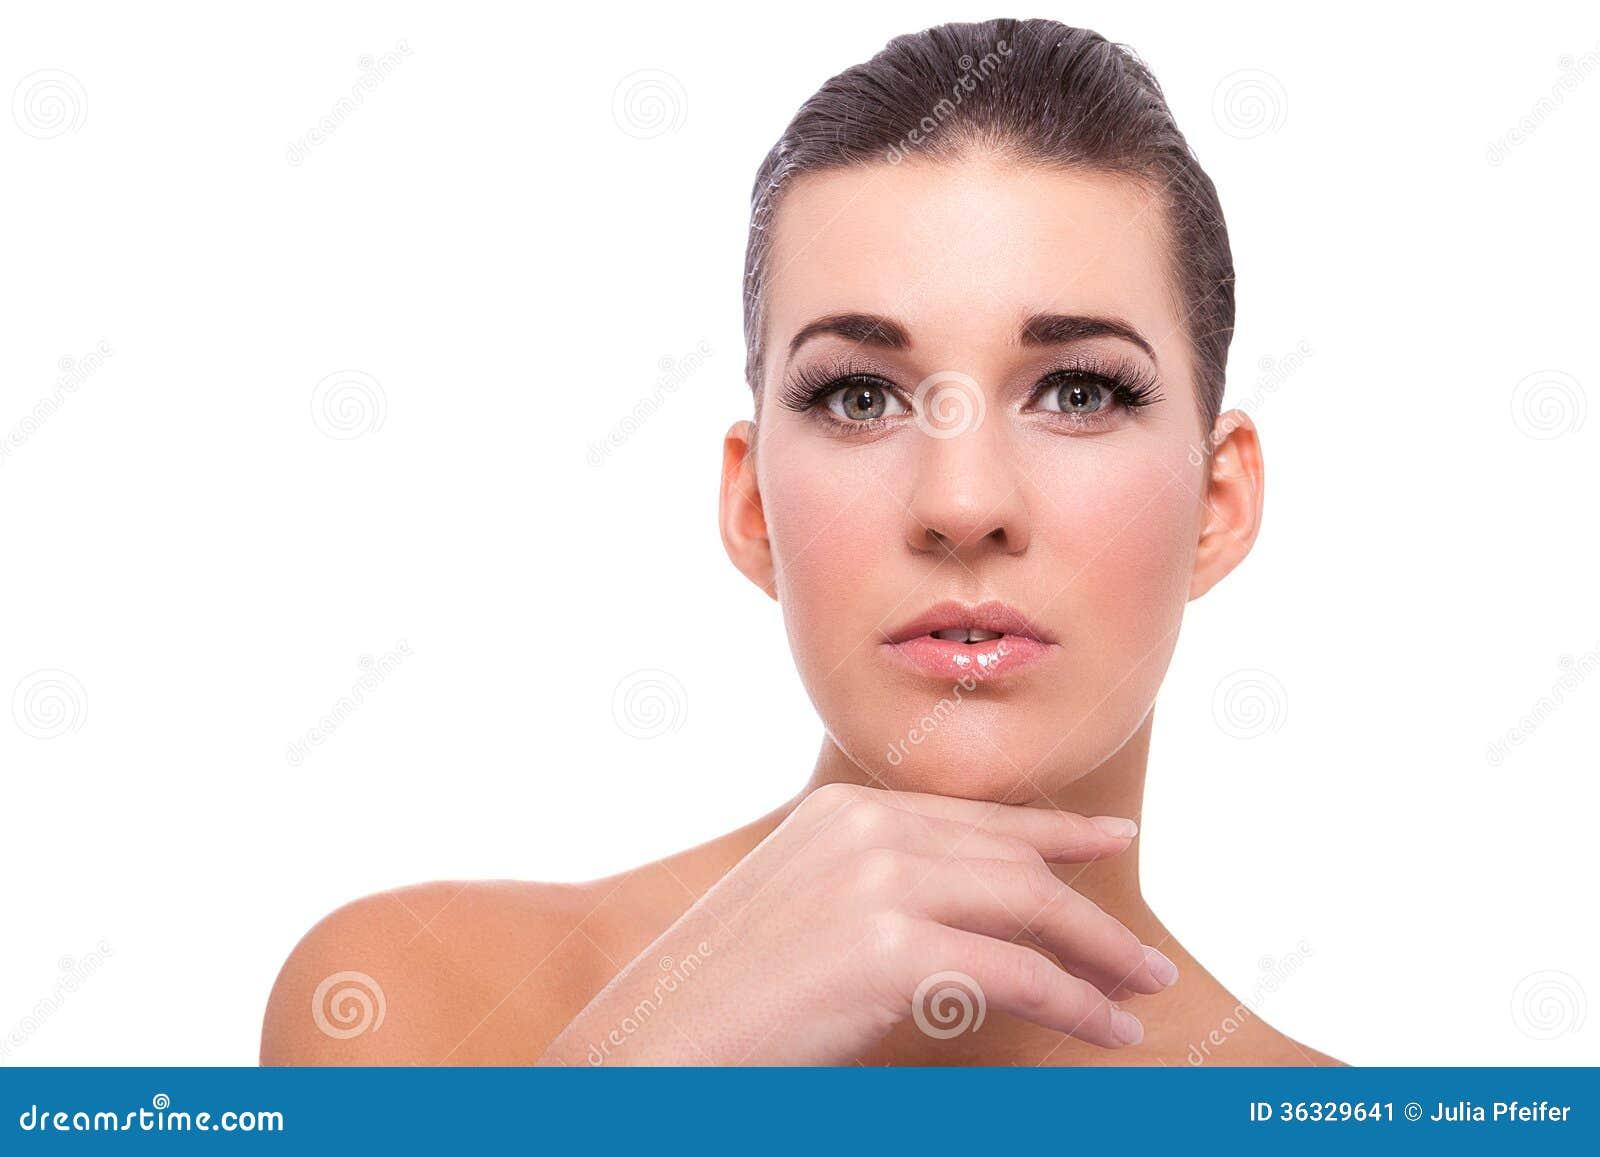 Mulher despida bonita em uma pose pensativa